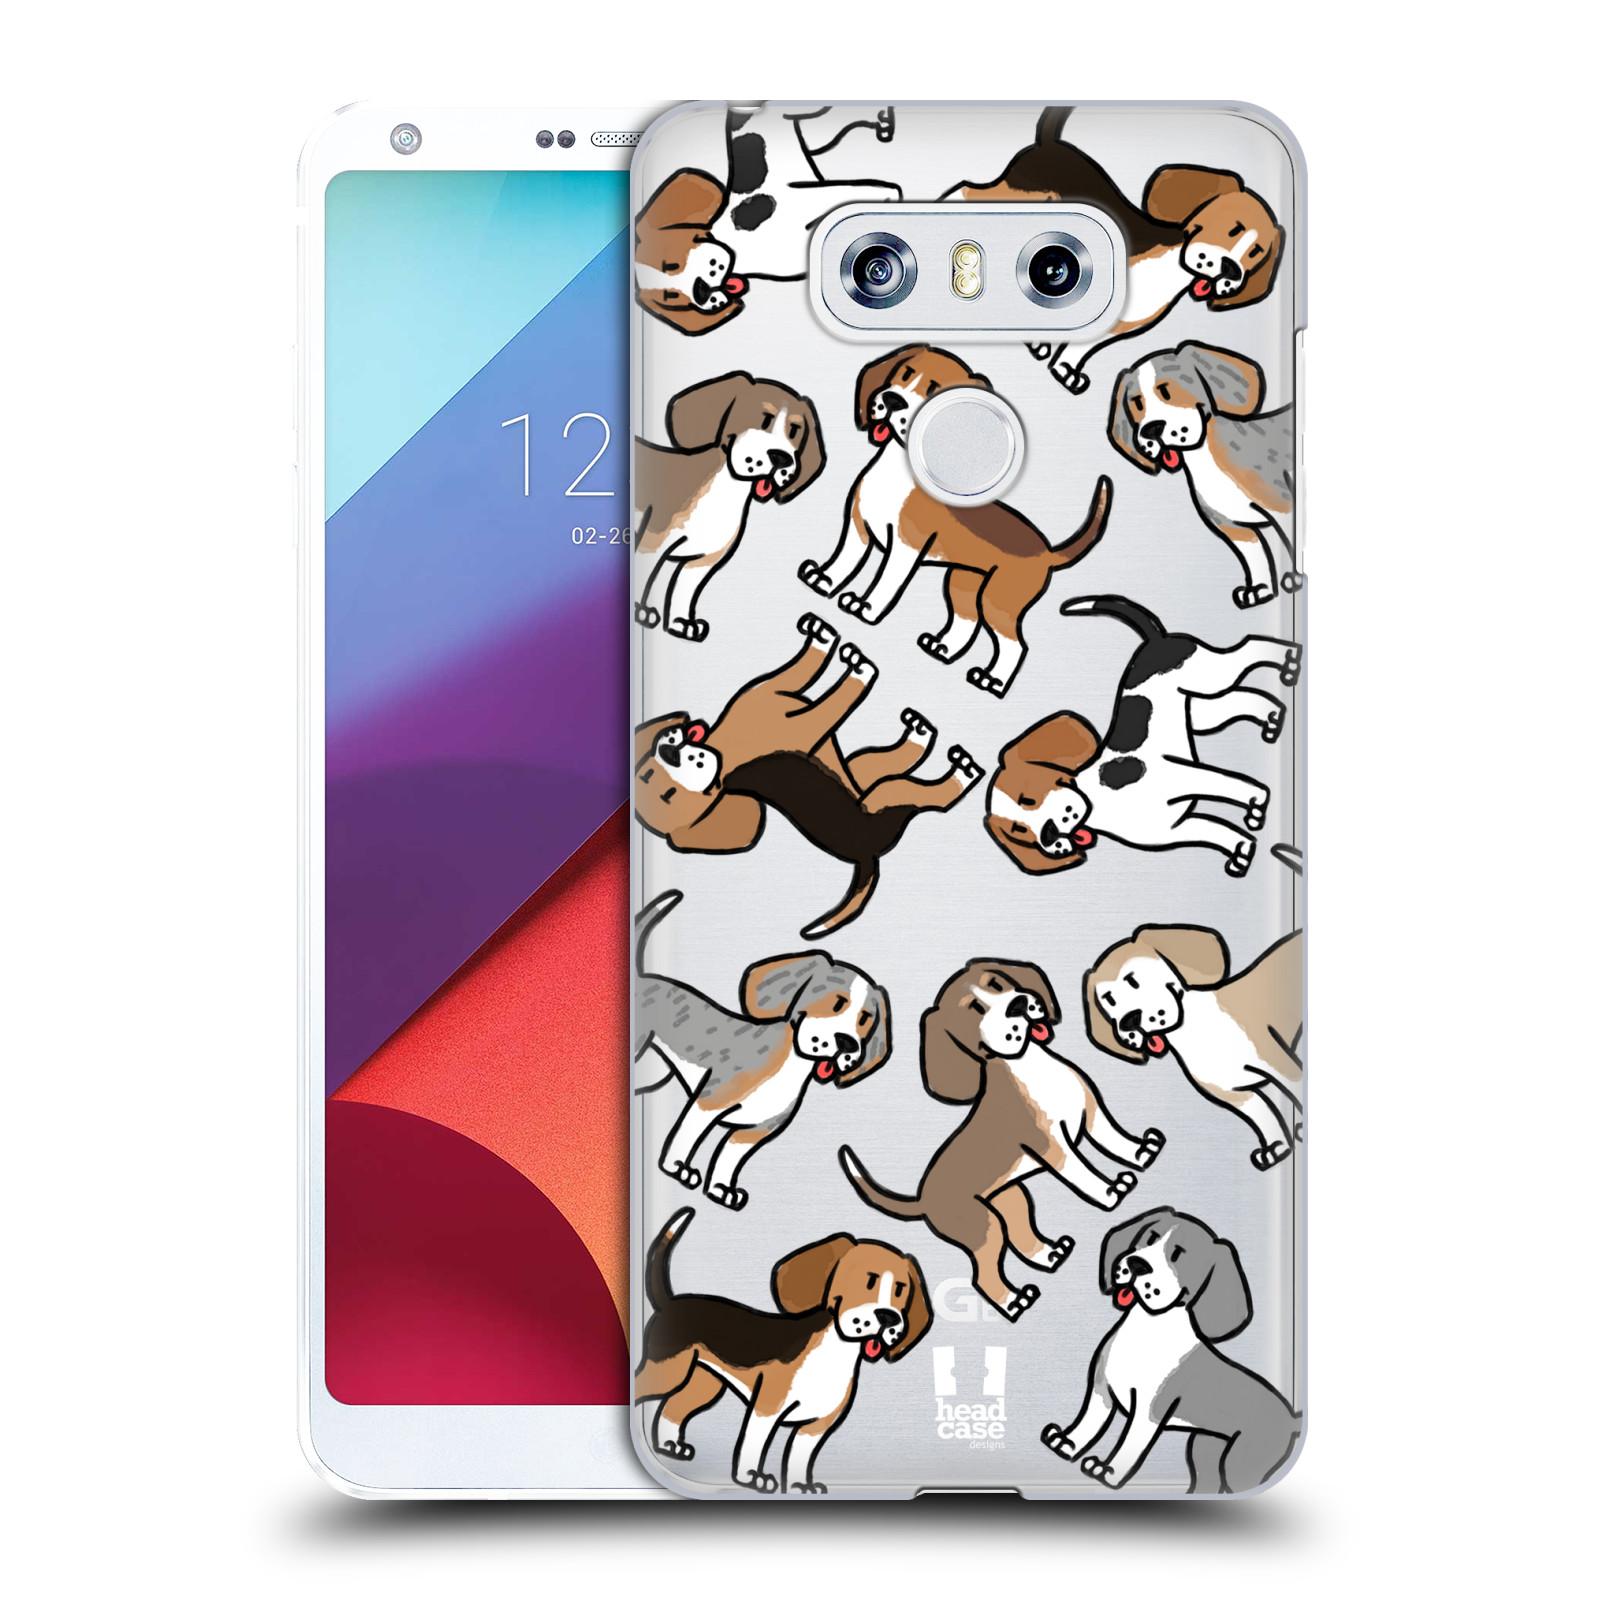 Plastové pouzdro na mobil LG G6 - Head Case - Bíglové (Plastový kryt či obal na mobilní telefon s motivem bígla pro LG G6 H870 / LG G6 Dual SIM H870DS)